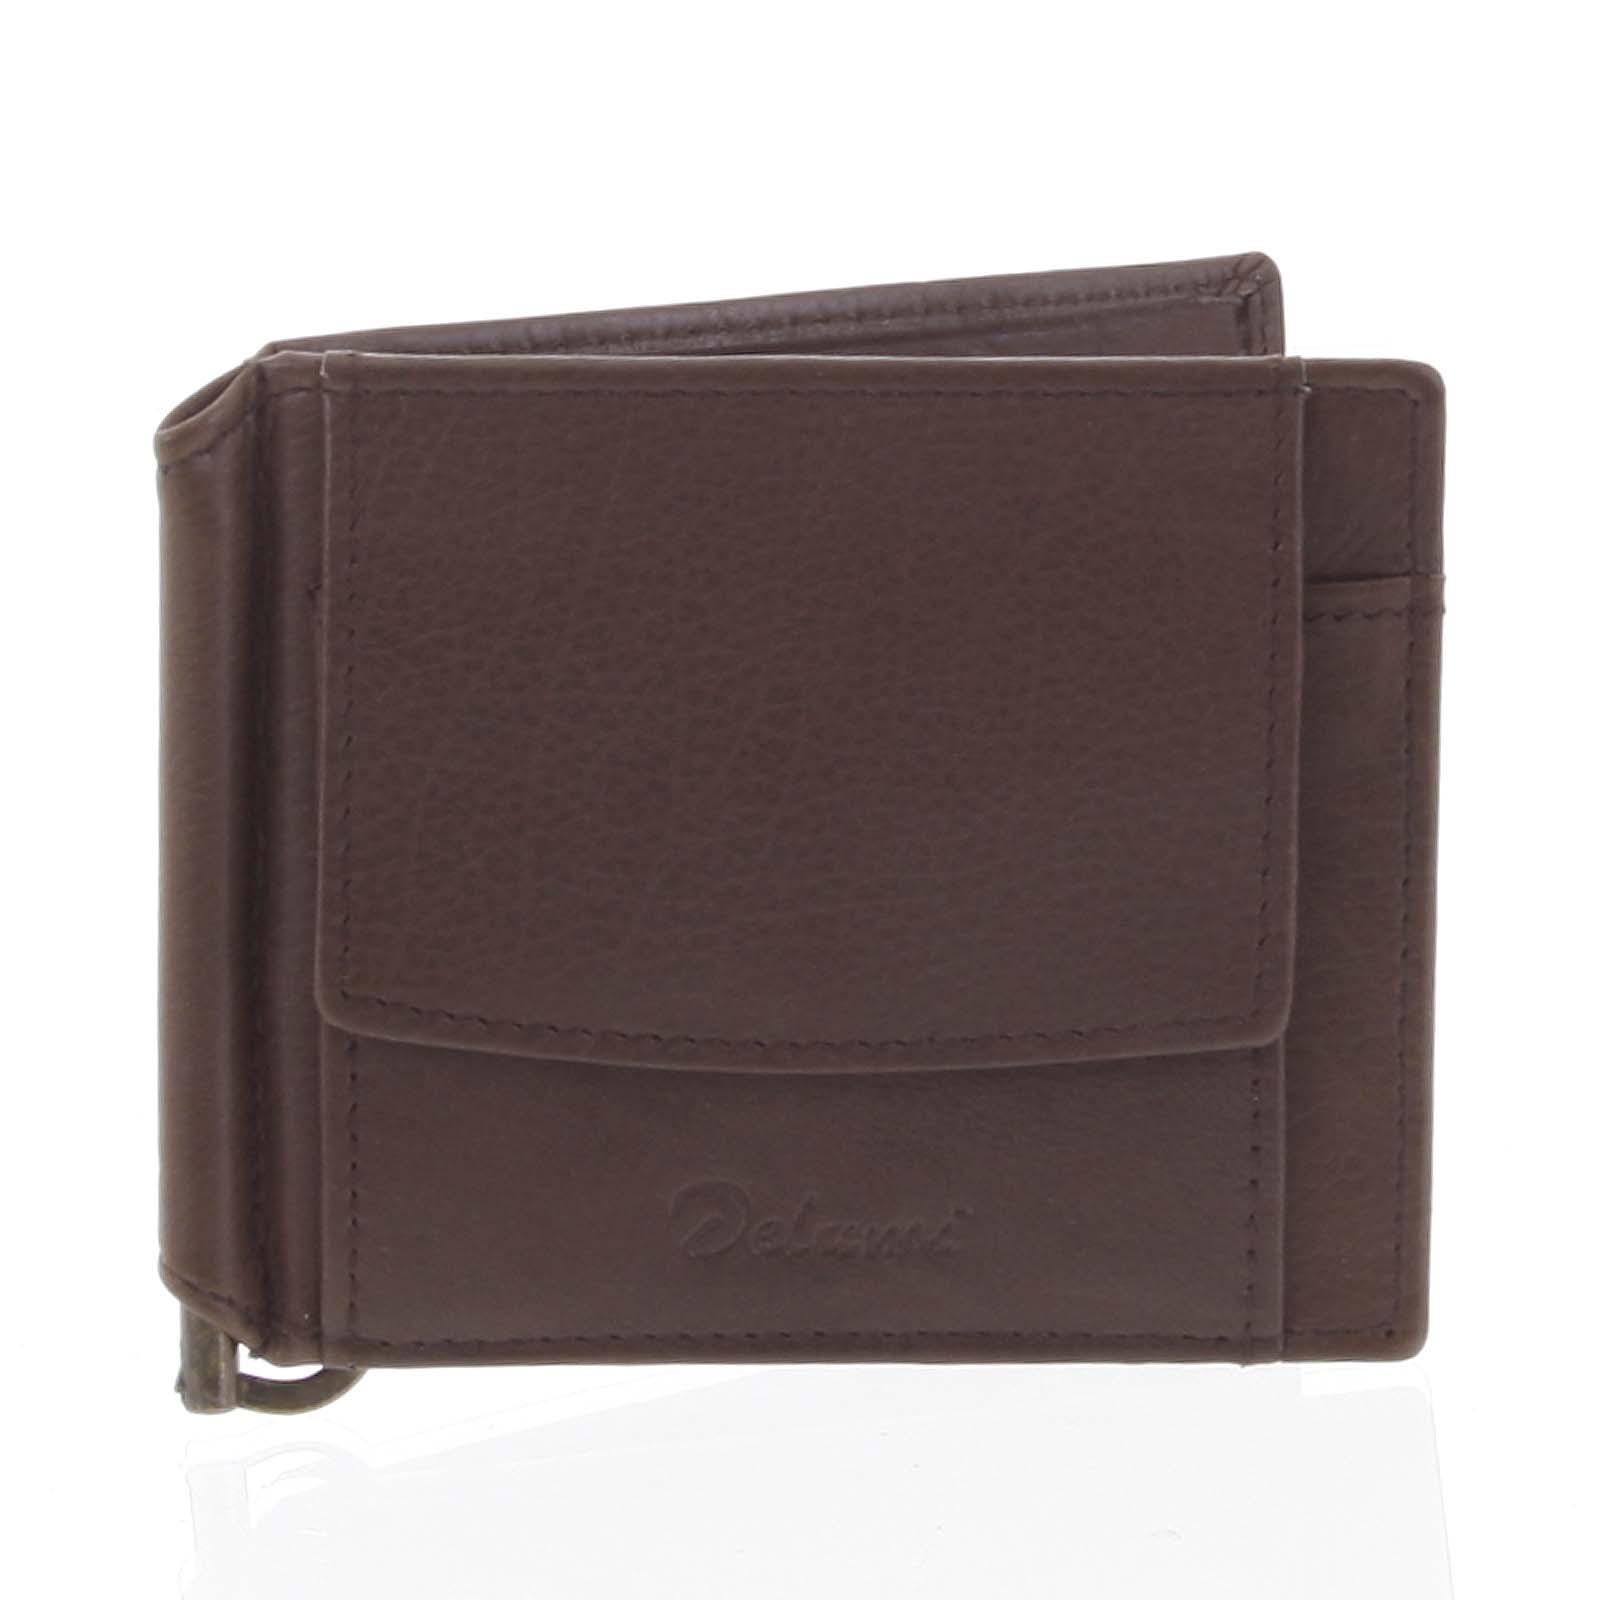 Malá kožená hnědá peněženka - Delami 8697